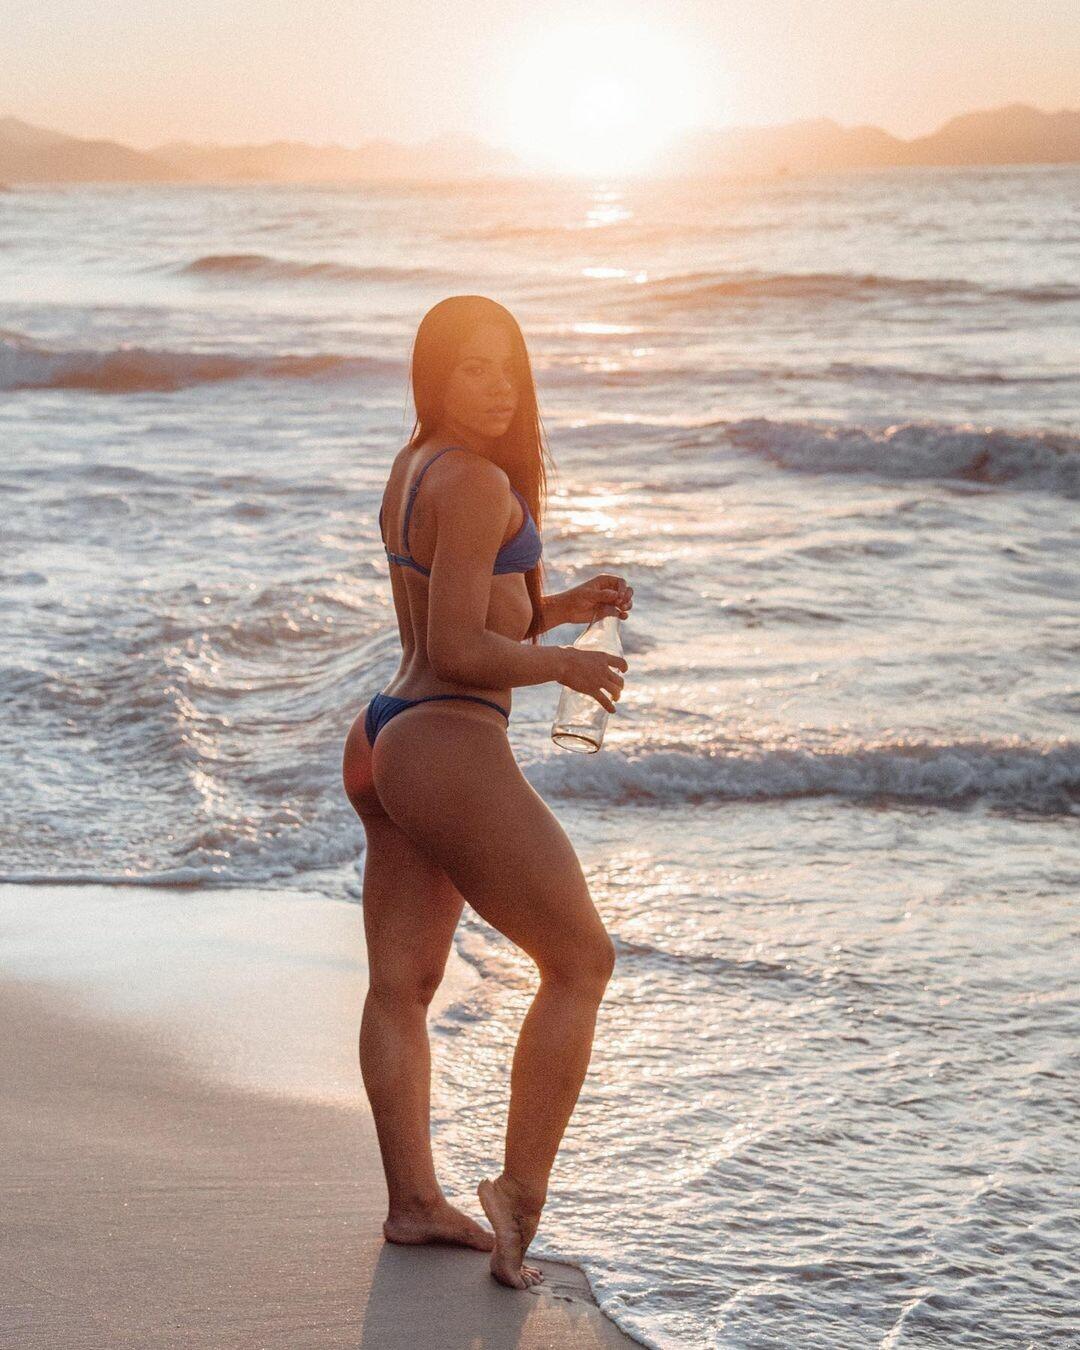 Любителька сексу на Олімпіаді показала своє гарне тіло - фото 2